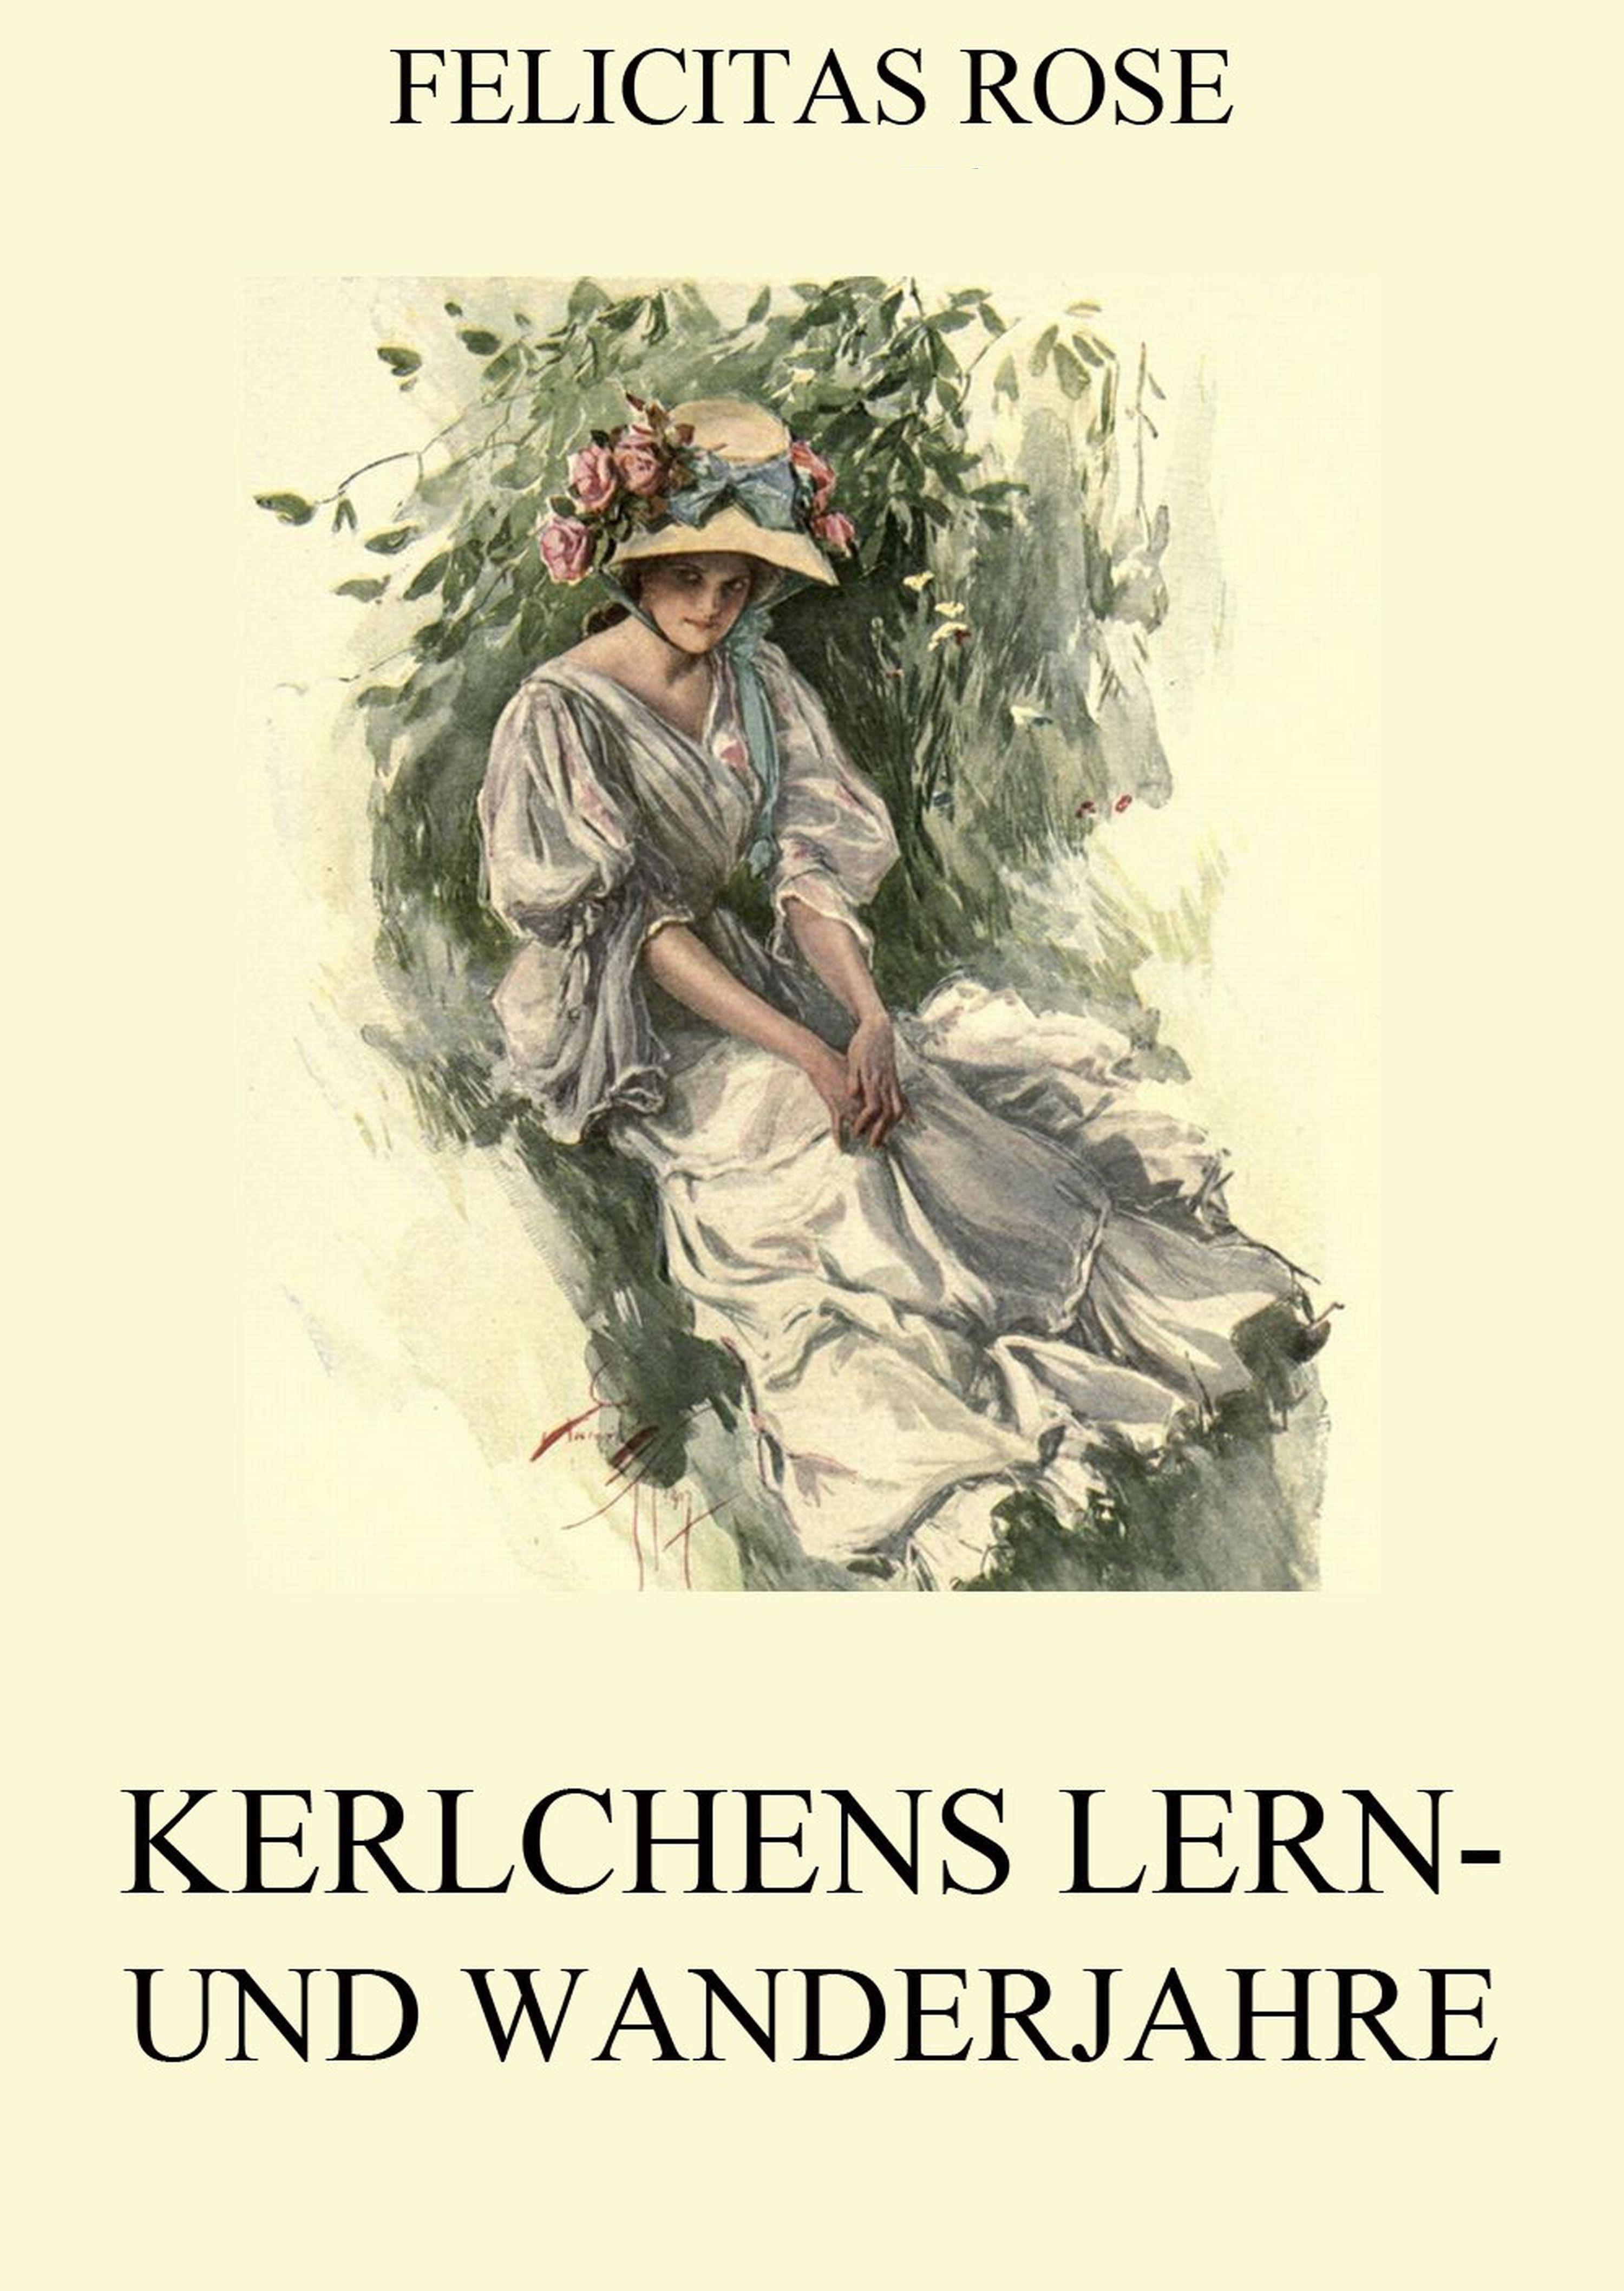 Felicitas Rose Kerlchens Lern- und Wanderjahre